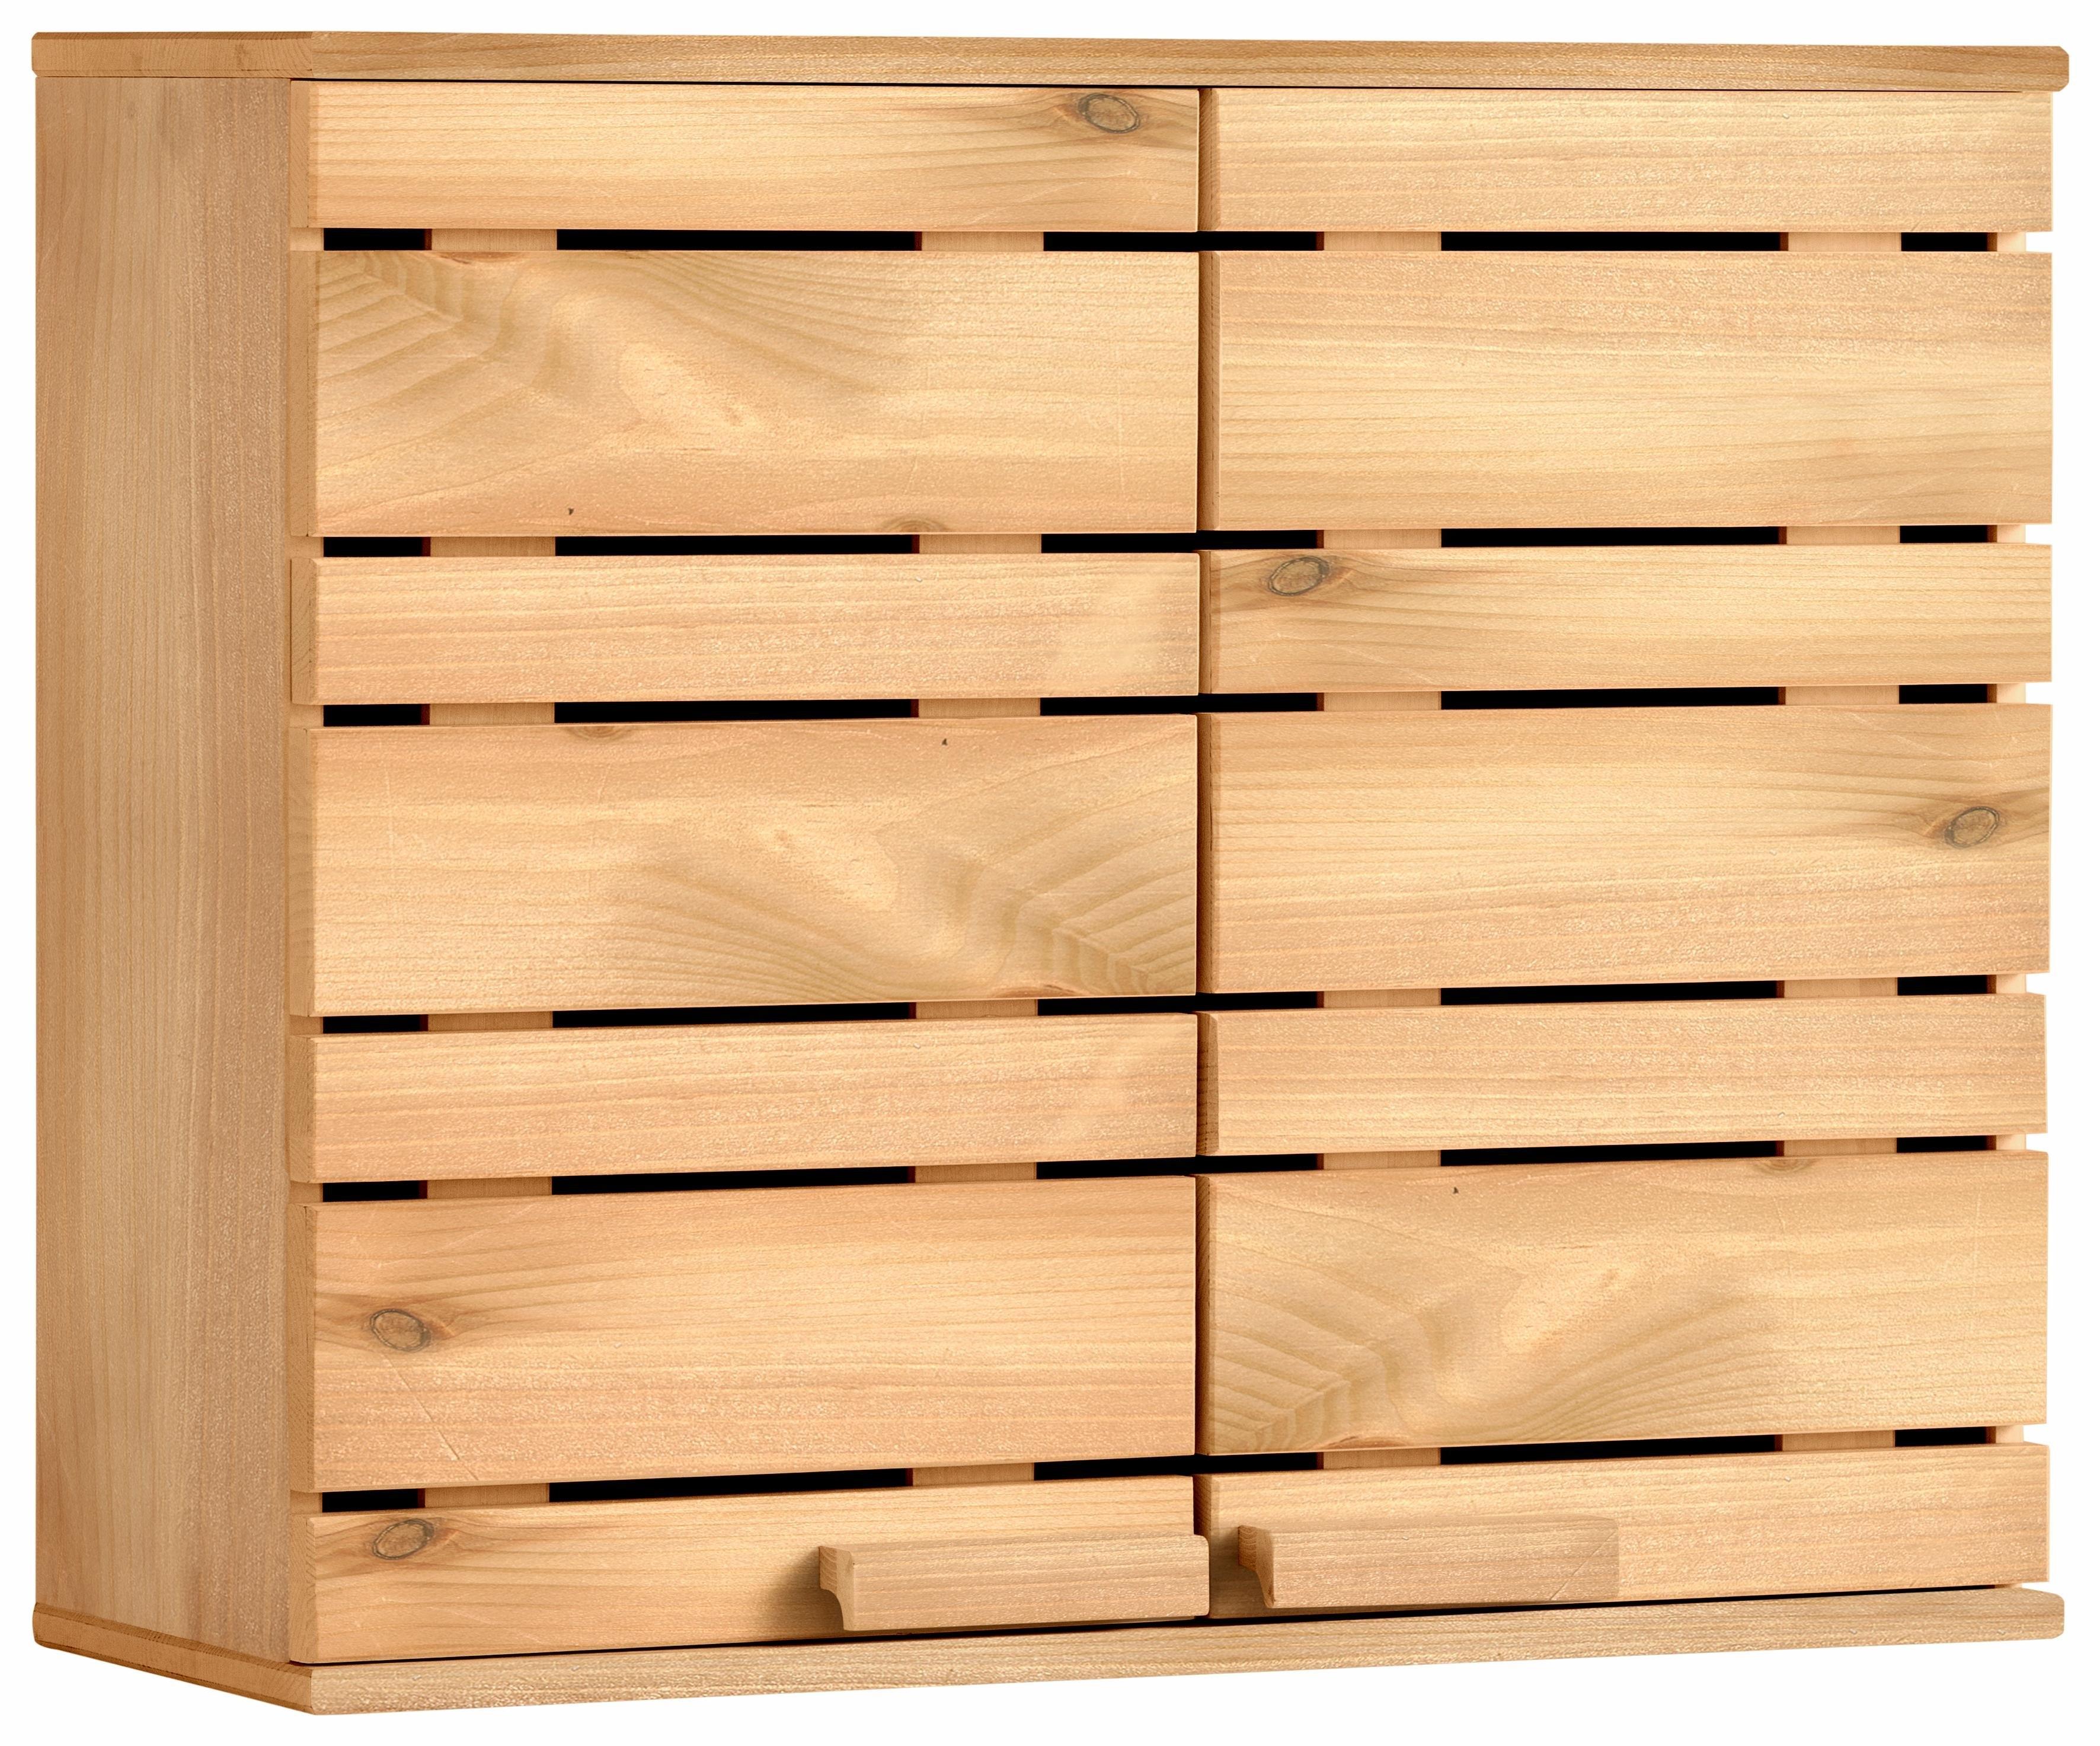 Home affaire hangend kastje Jossy van massief hout bij OTTO online kopen